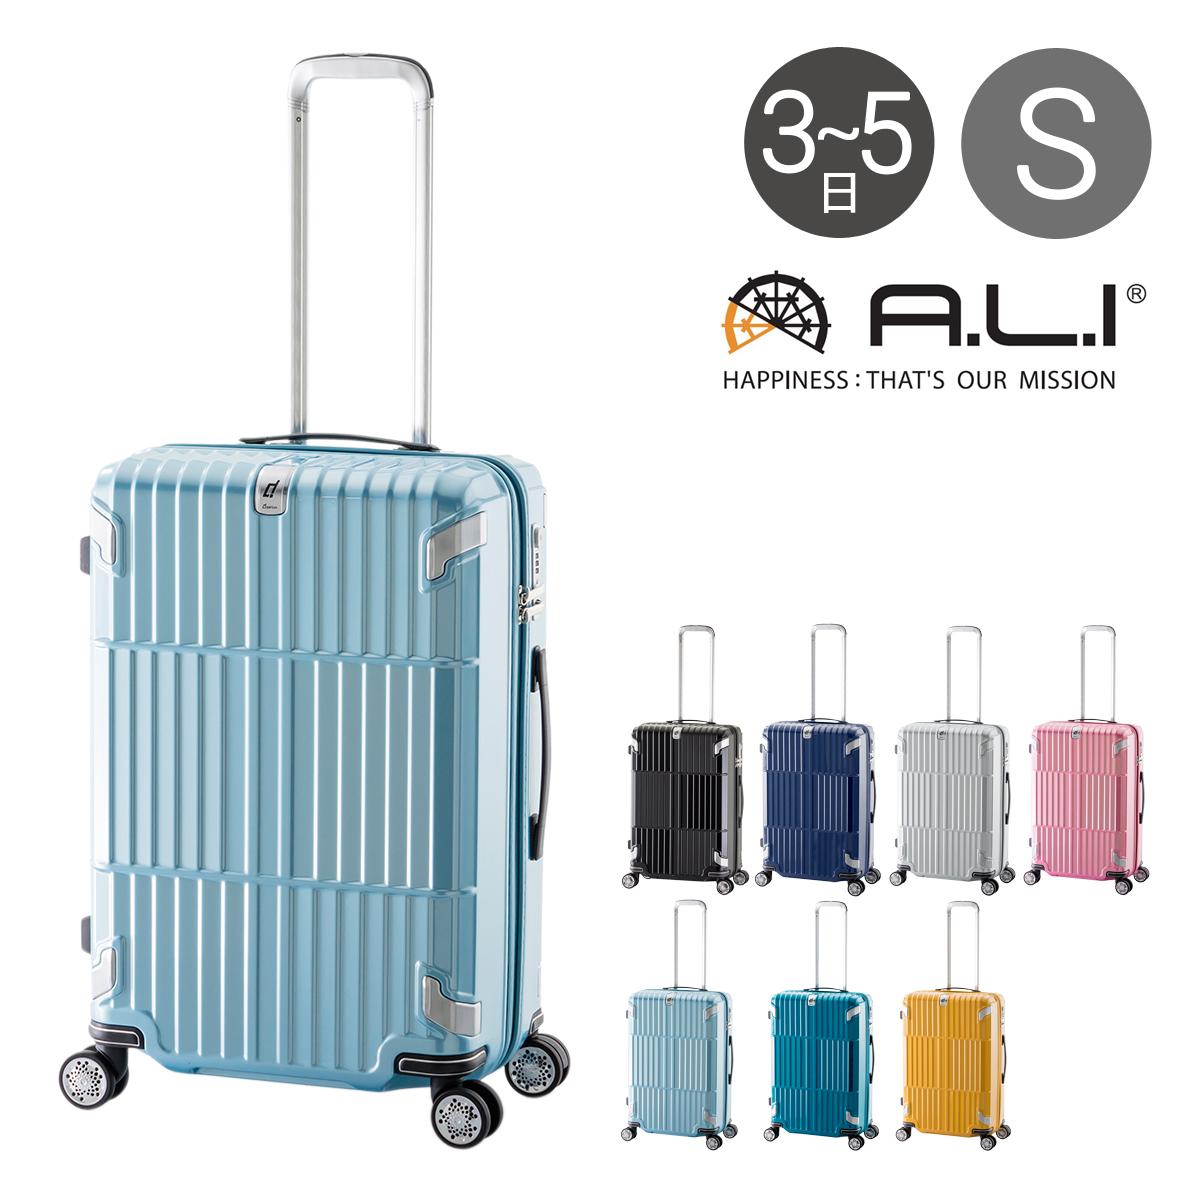 アジアラゲージ スーツケース|59L 62cm 4.3kg HD-502S-27 ハード ファスナー A.L.I departure ディパーチャー|ストッパー付き TSAロック搭載 キャリーケース ハードキャリー[PO10][bef]